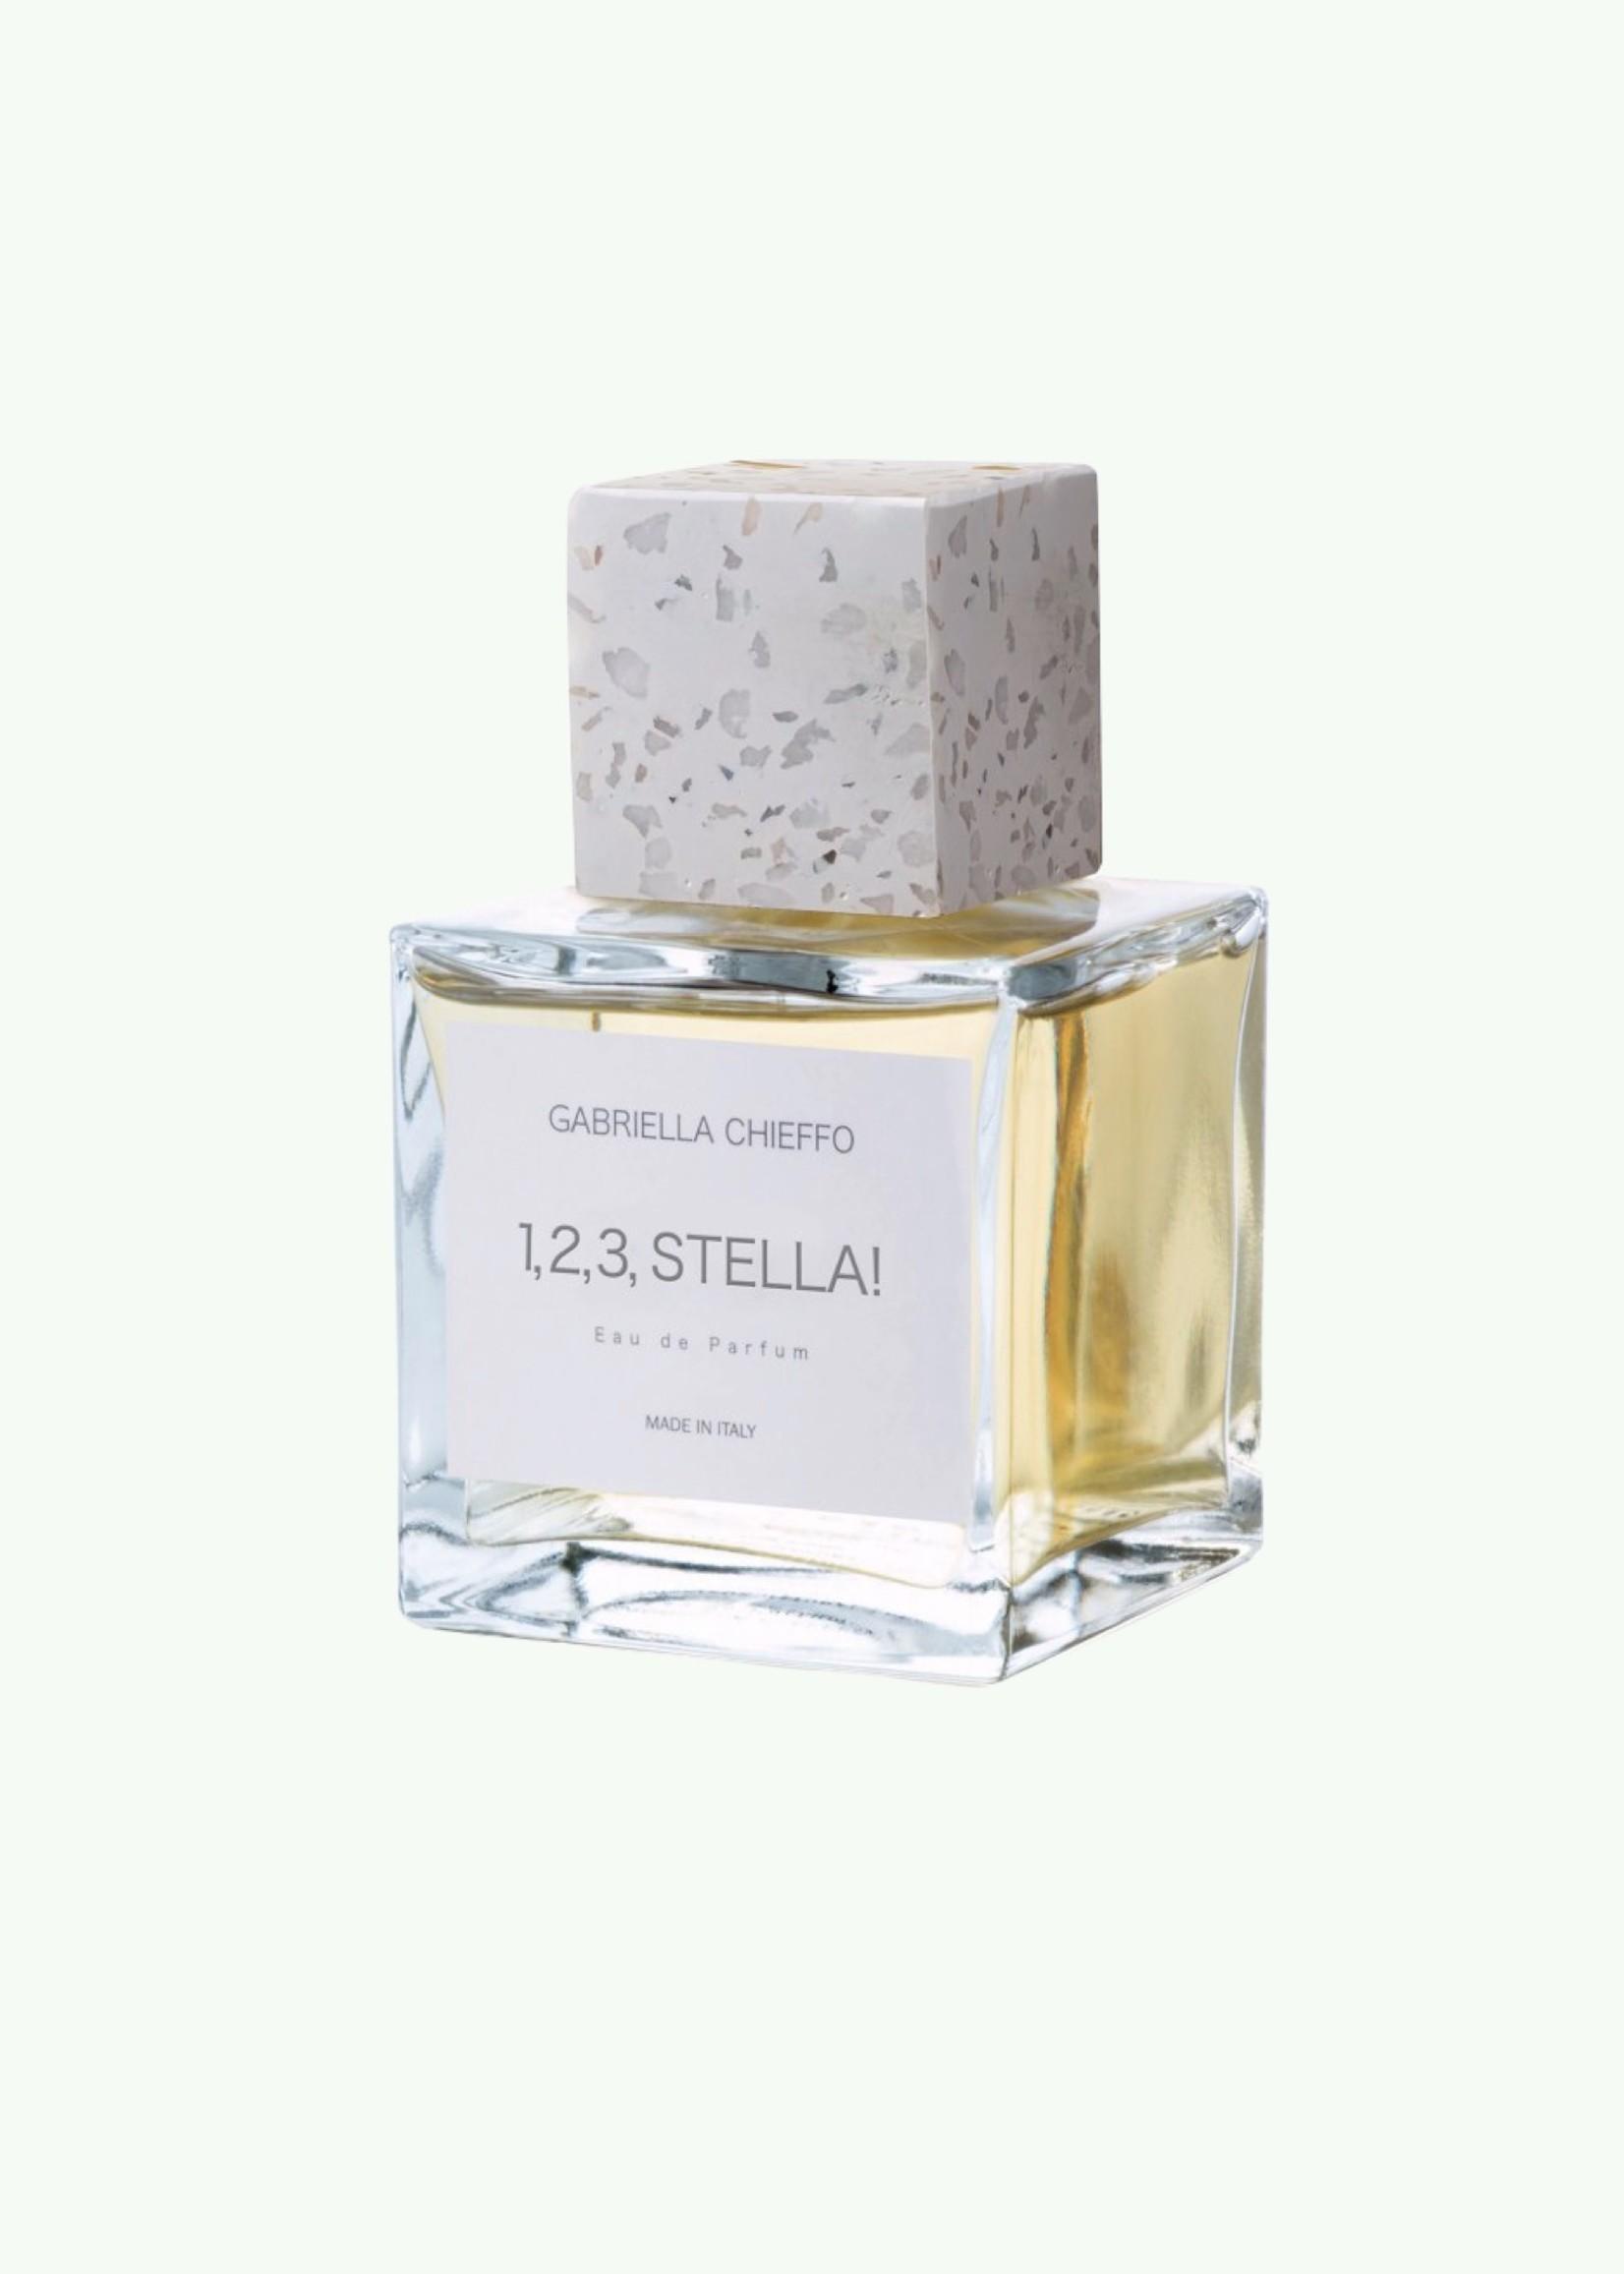 Gabriella Chieffo Gabriella Chieffo - 1 2 3 Stella! - Eau de Parfum